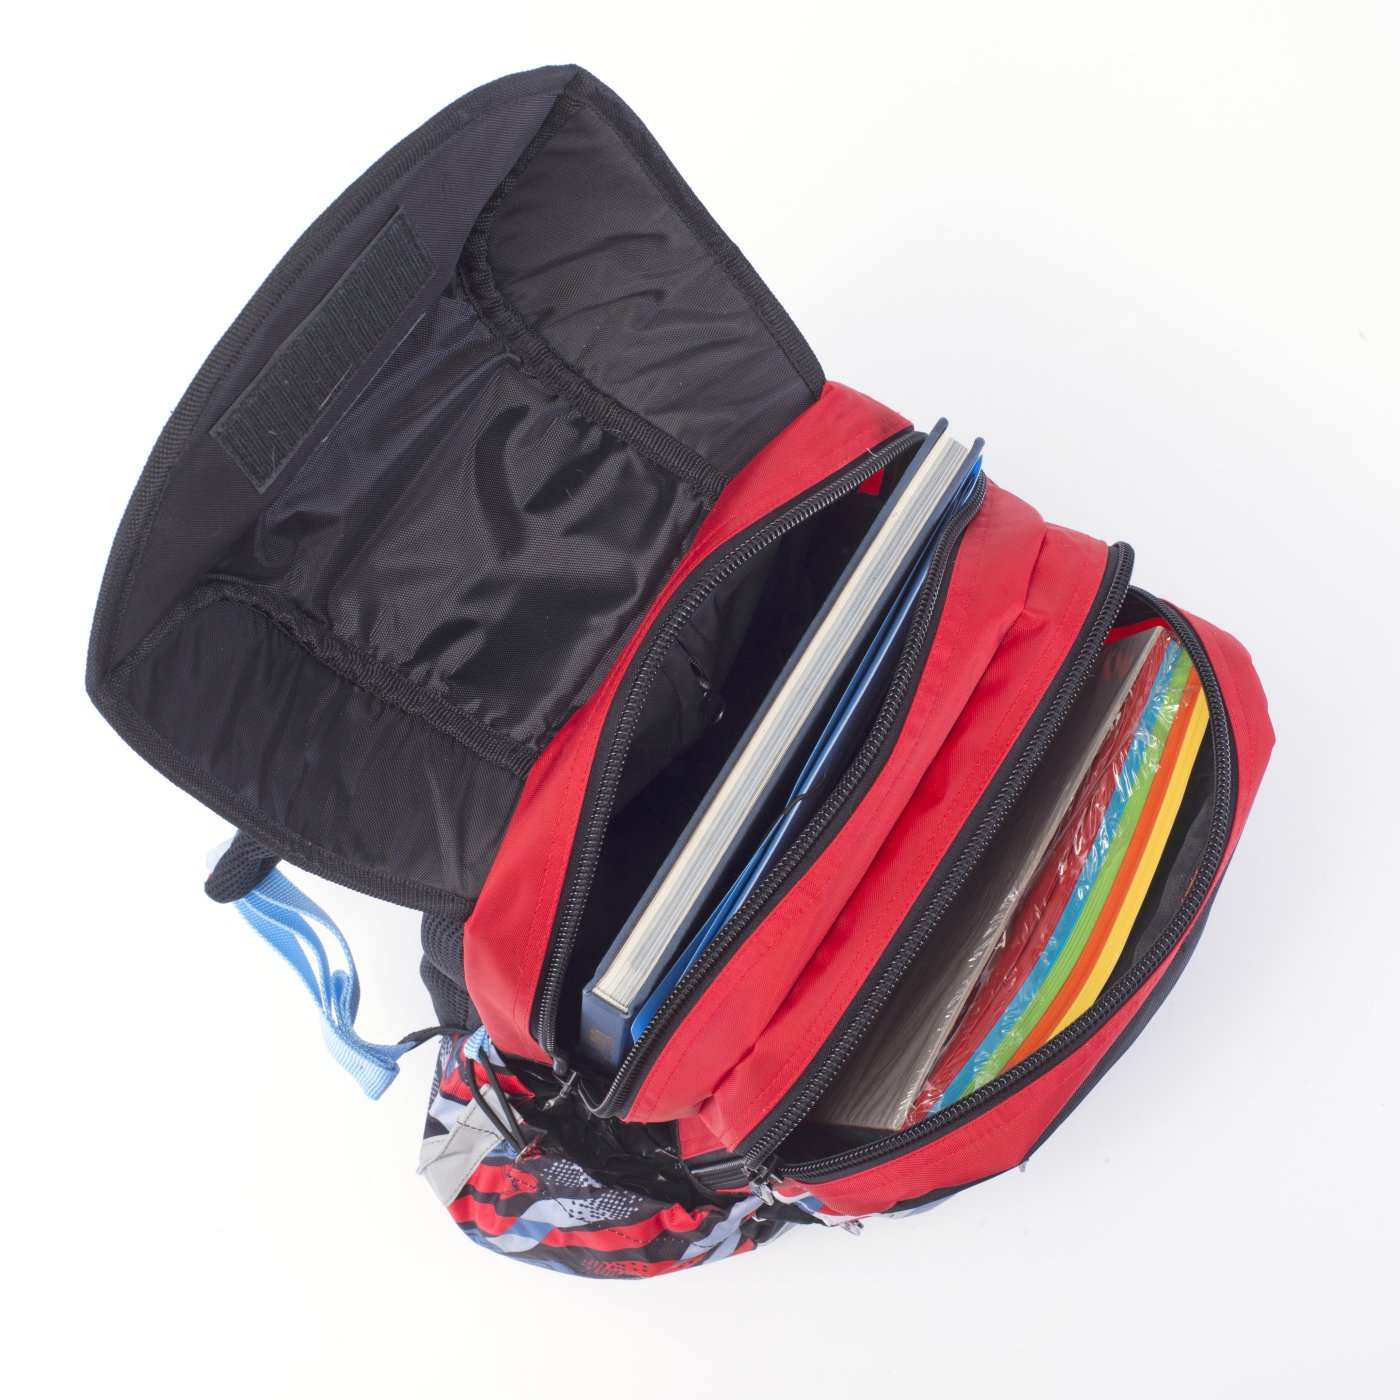 dc1fad654e0 Anatomical backpack PLUS Cars - Školní potřeby » BATOHY A AKTOVKY » PLUS